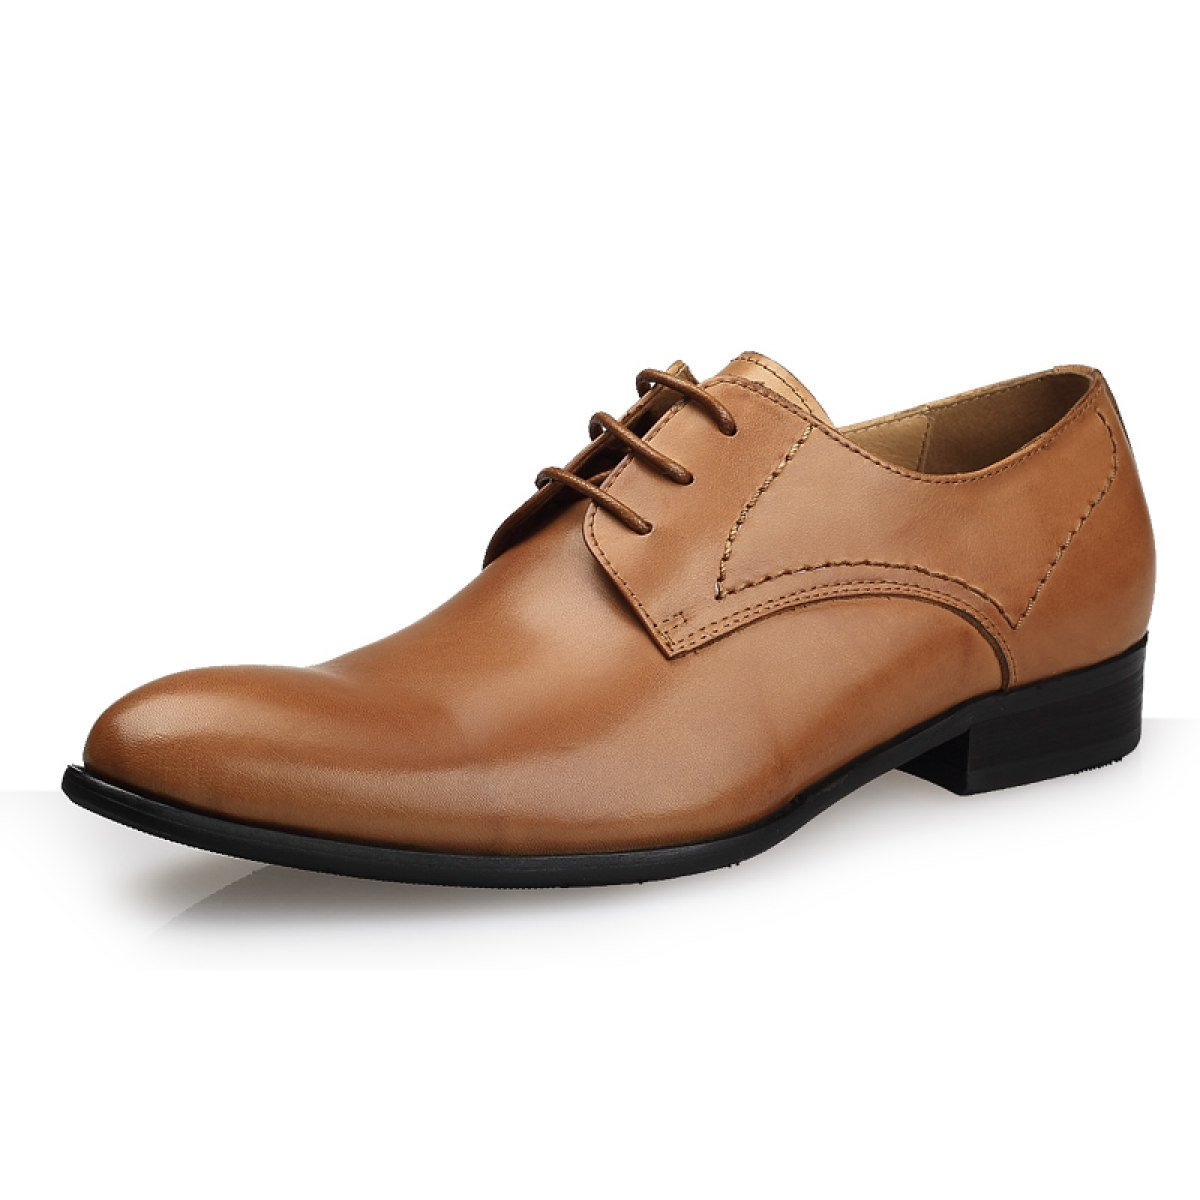 GRRONG Mauml;nner Mode-Business Kleid Schuhe Bequem Und Atmungsaktiv Hochzeit Schuhe  38|Yellow